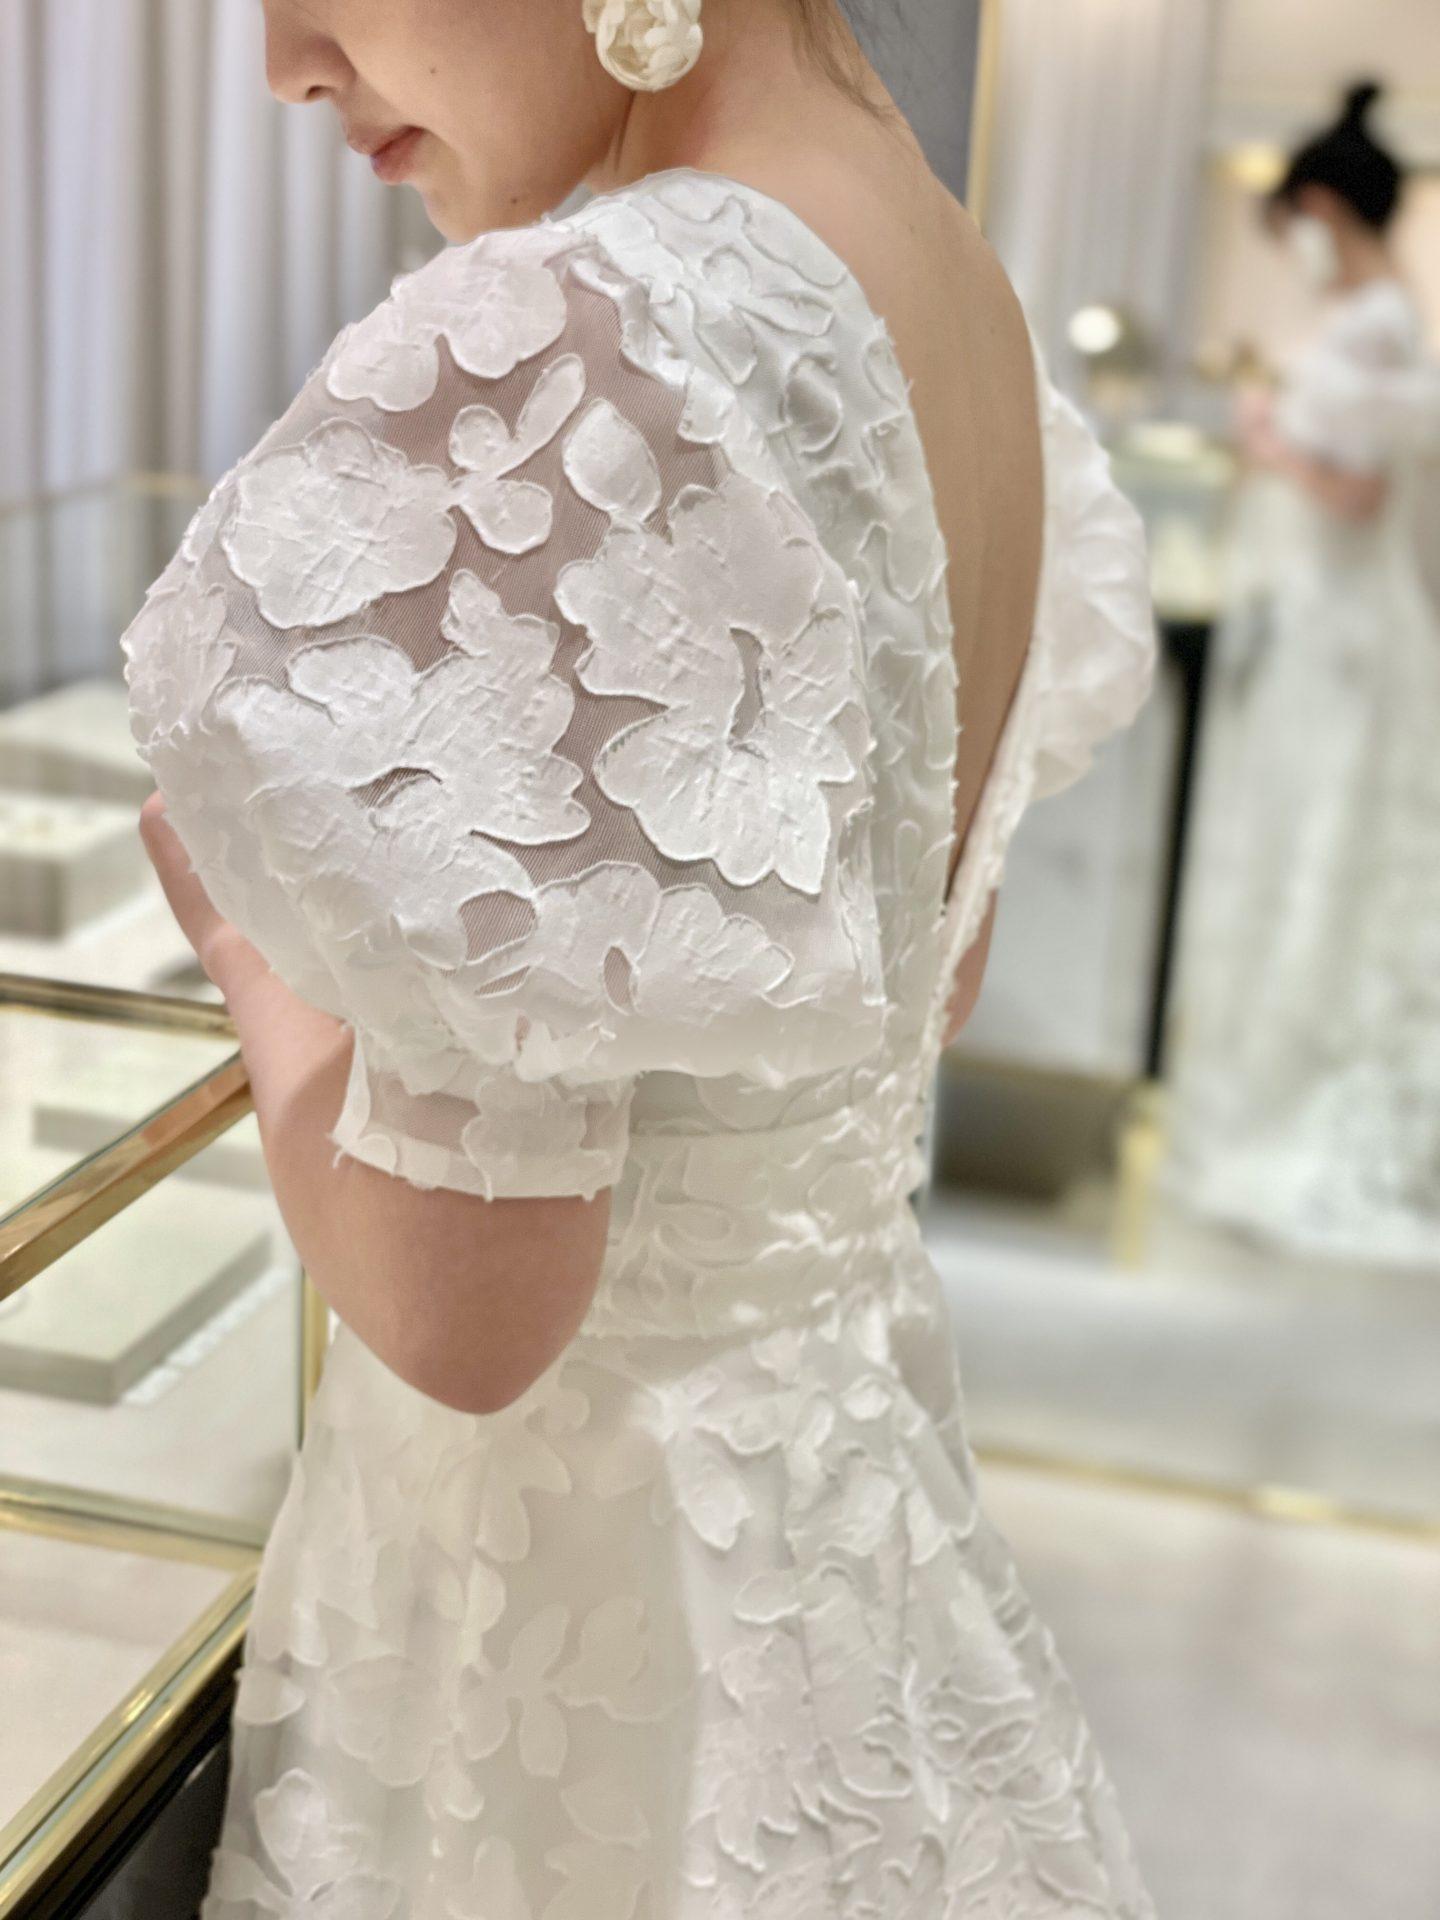 ザ・トリートドレッシングに入荷したオリジナルブランドのトリートメゾンのウエディングドレス